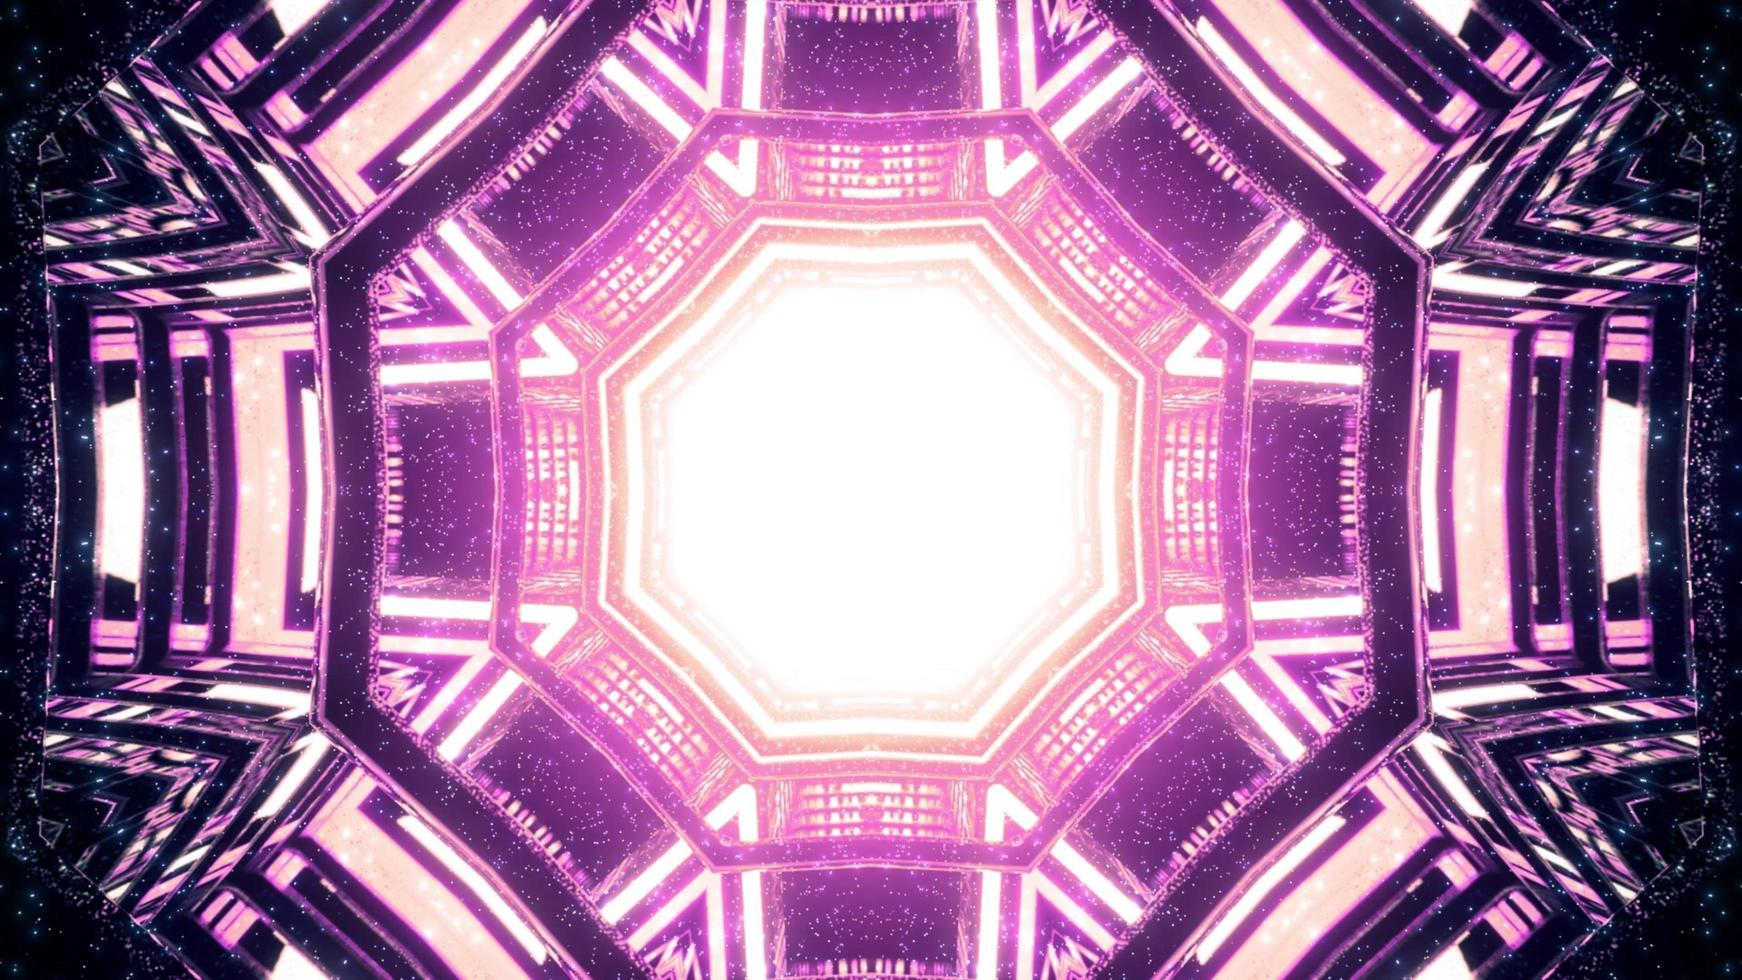 magischer Tunnel mit geometrischen Formen und Neonfarben 3d Illustration foto